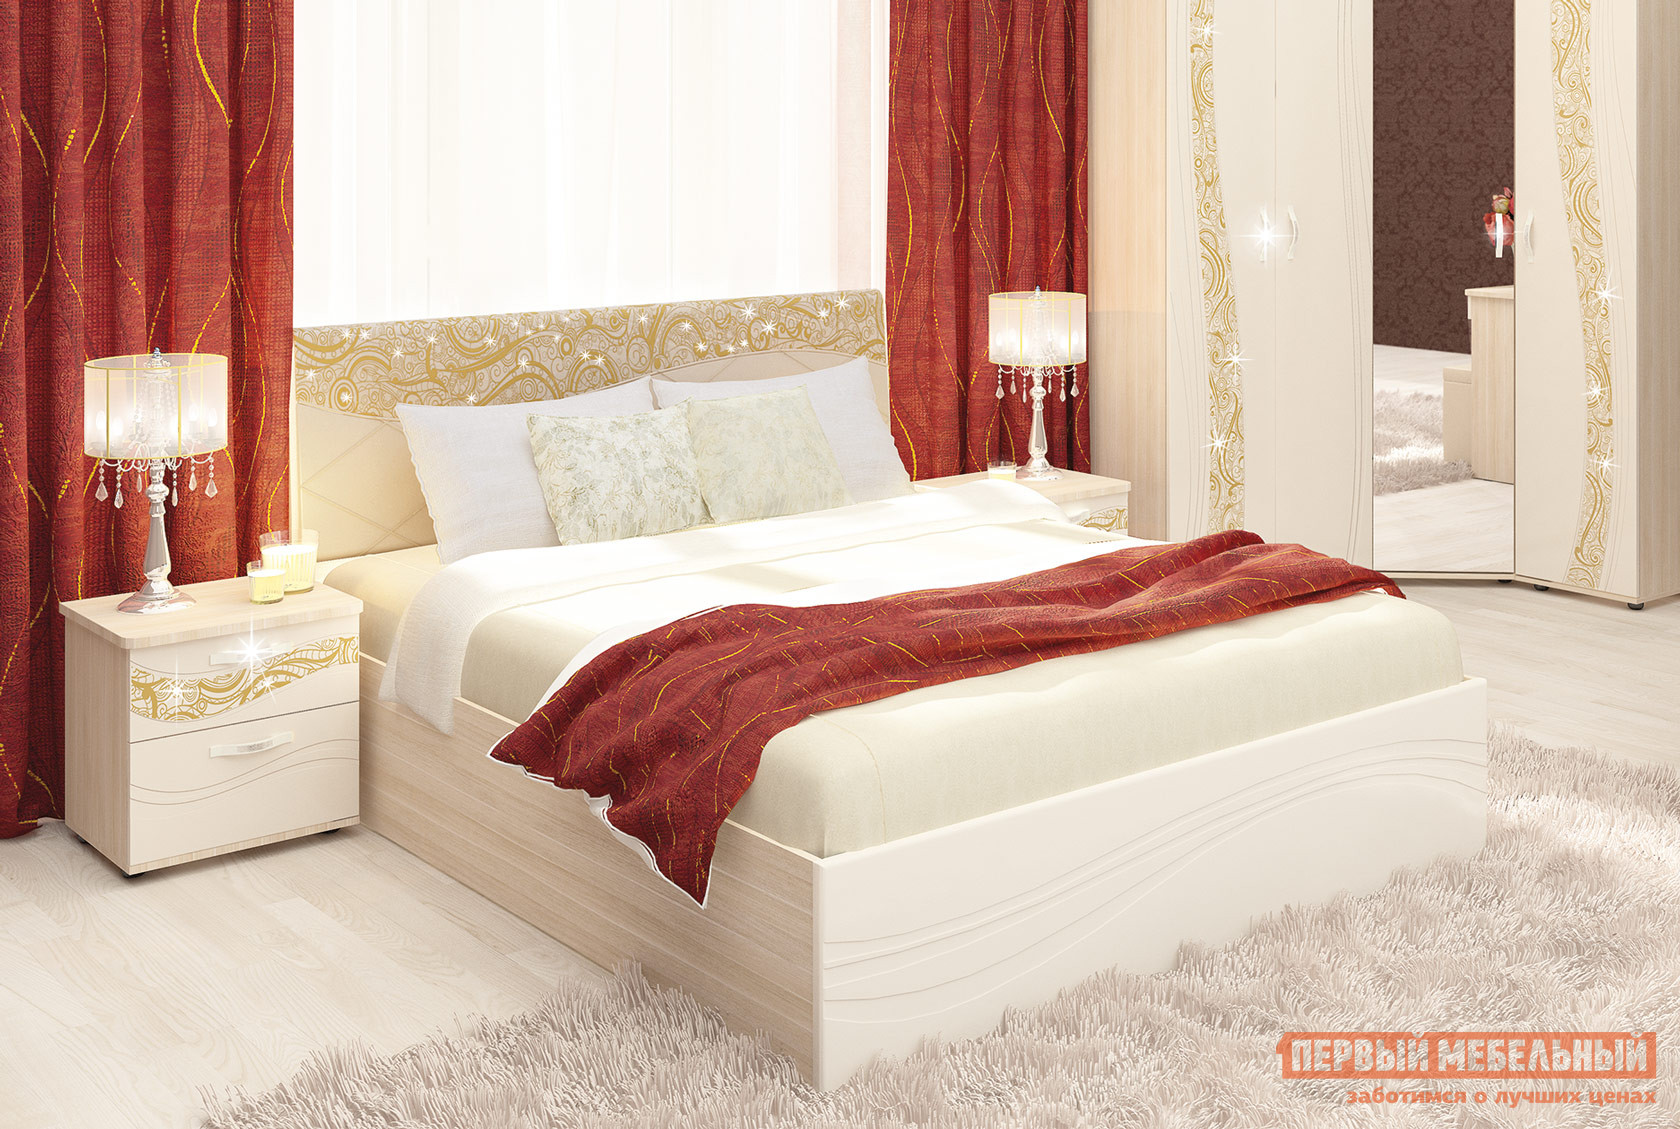 Двуспальная кровать Витра 98.21 двуспальная кровать витра 98 01